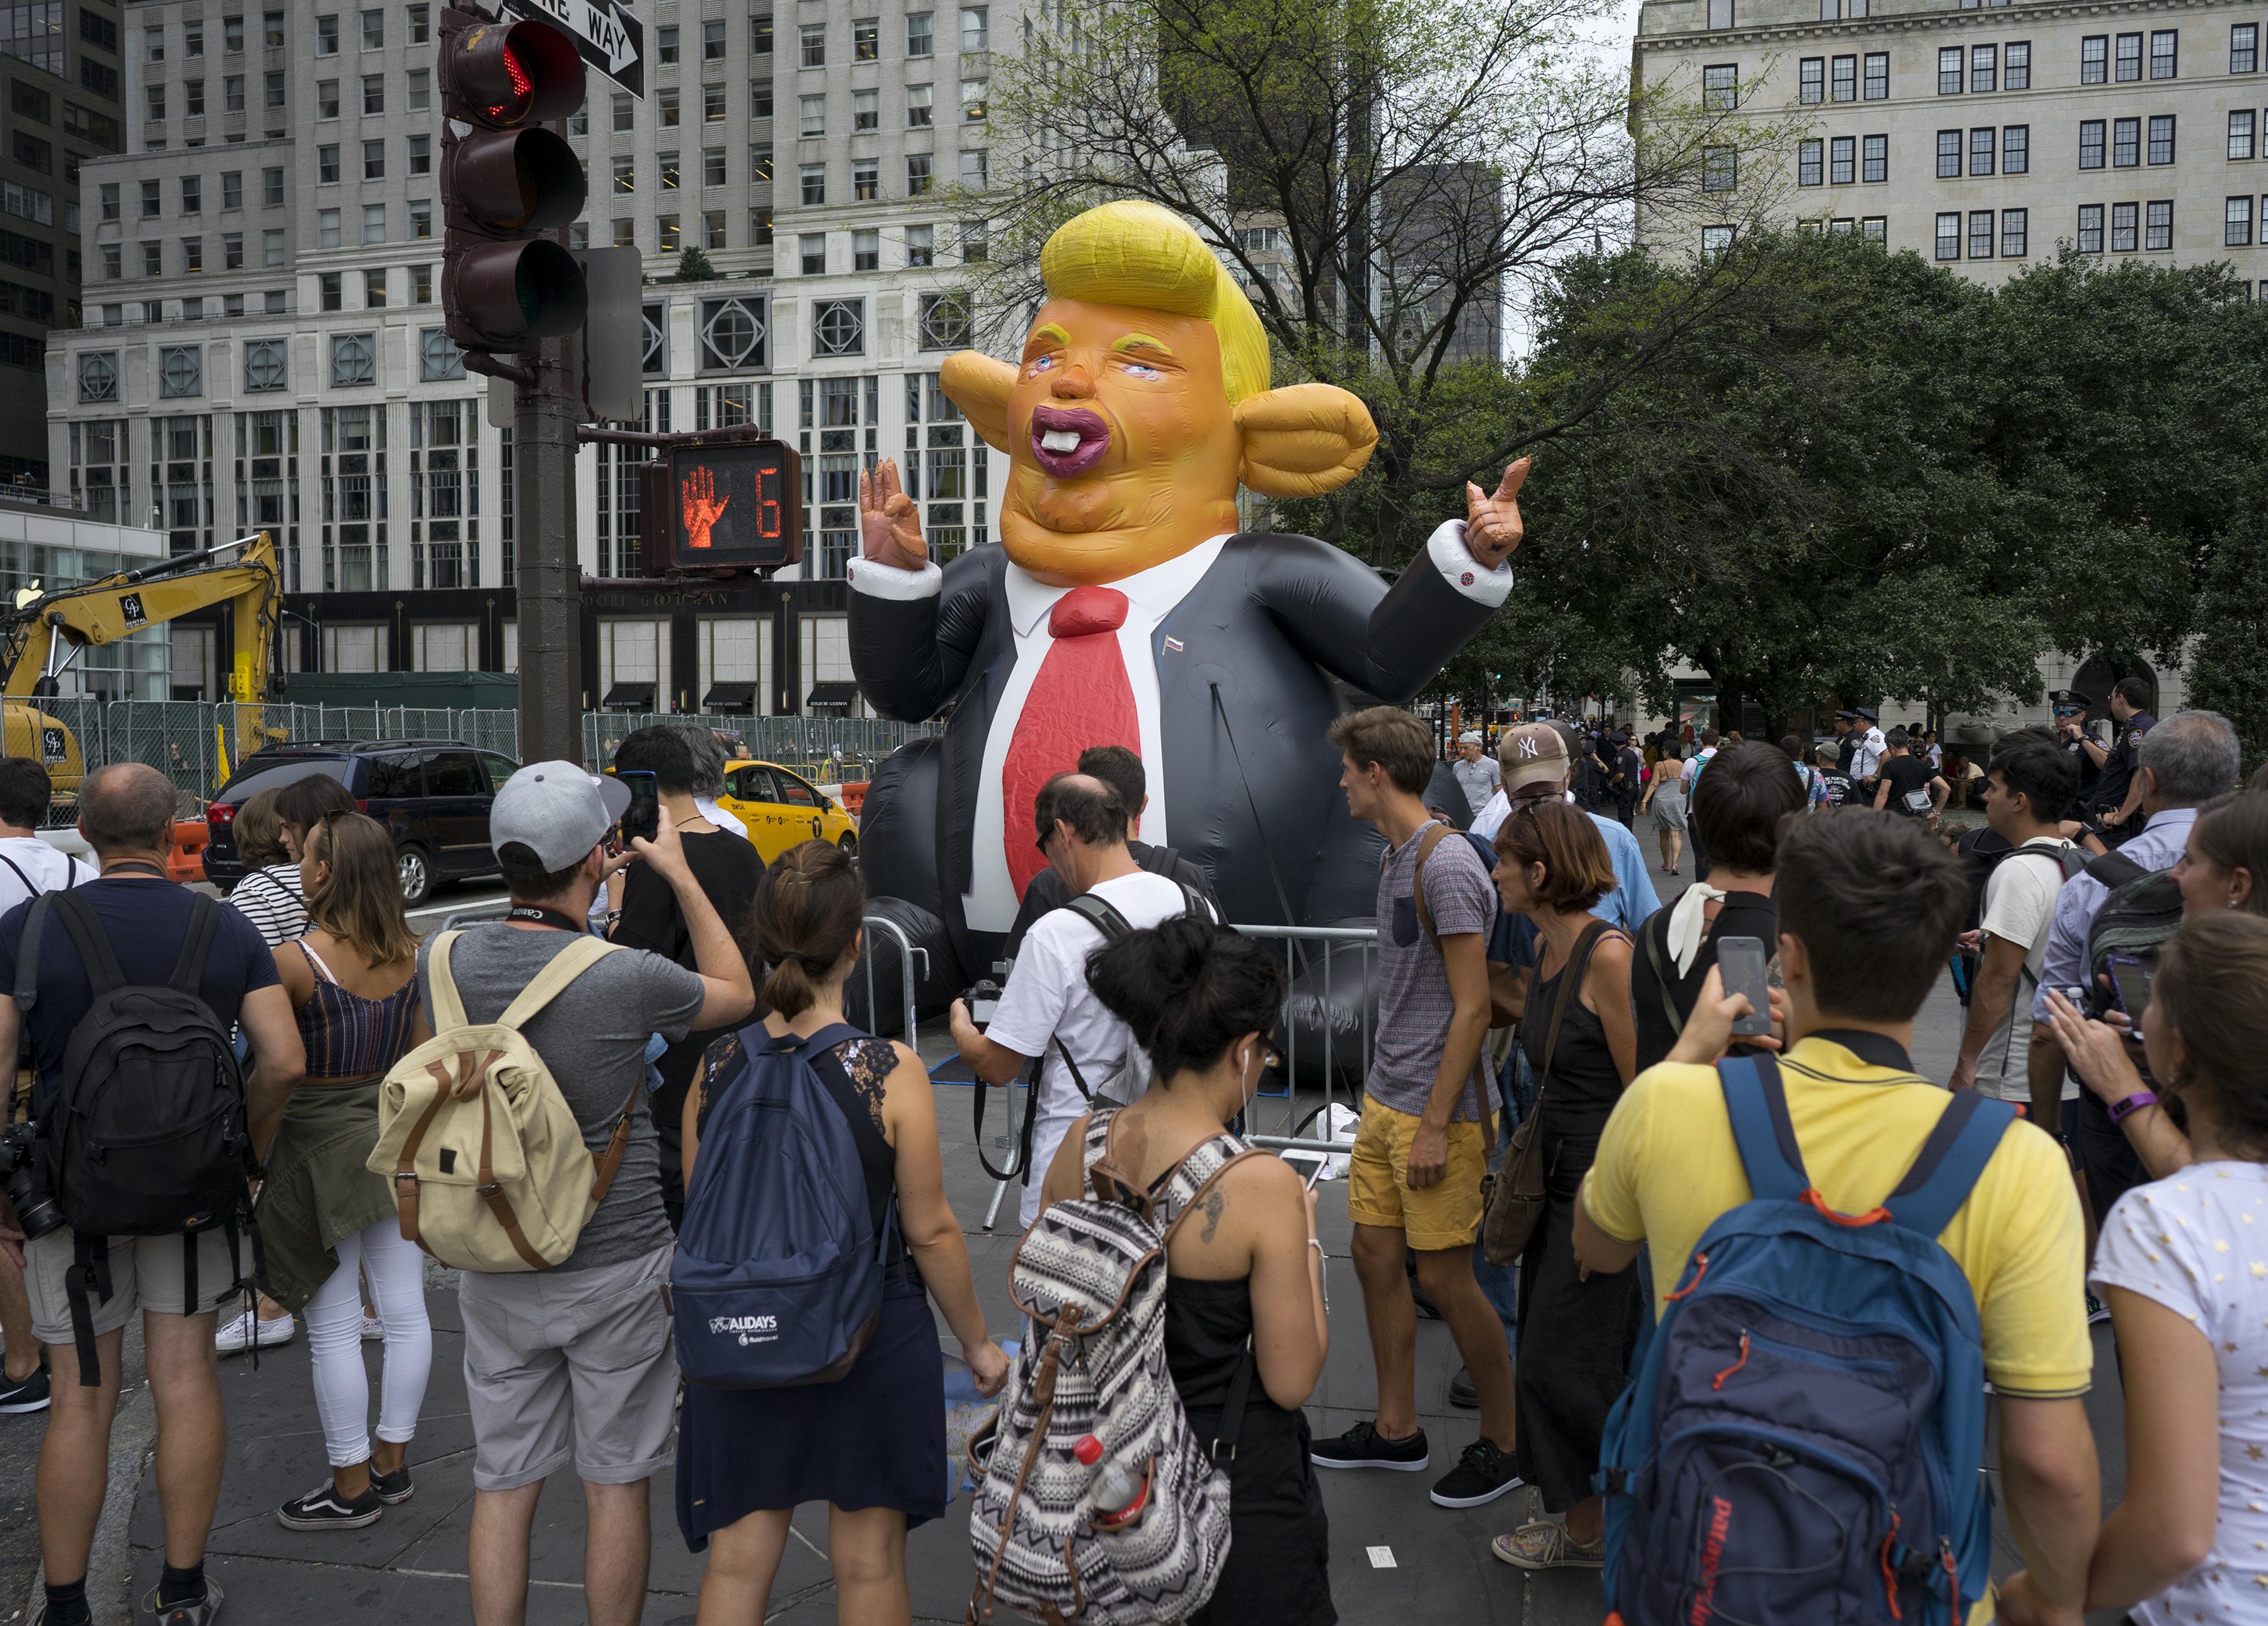 Trump caricature balloon